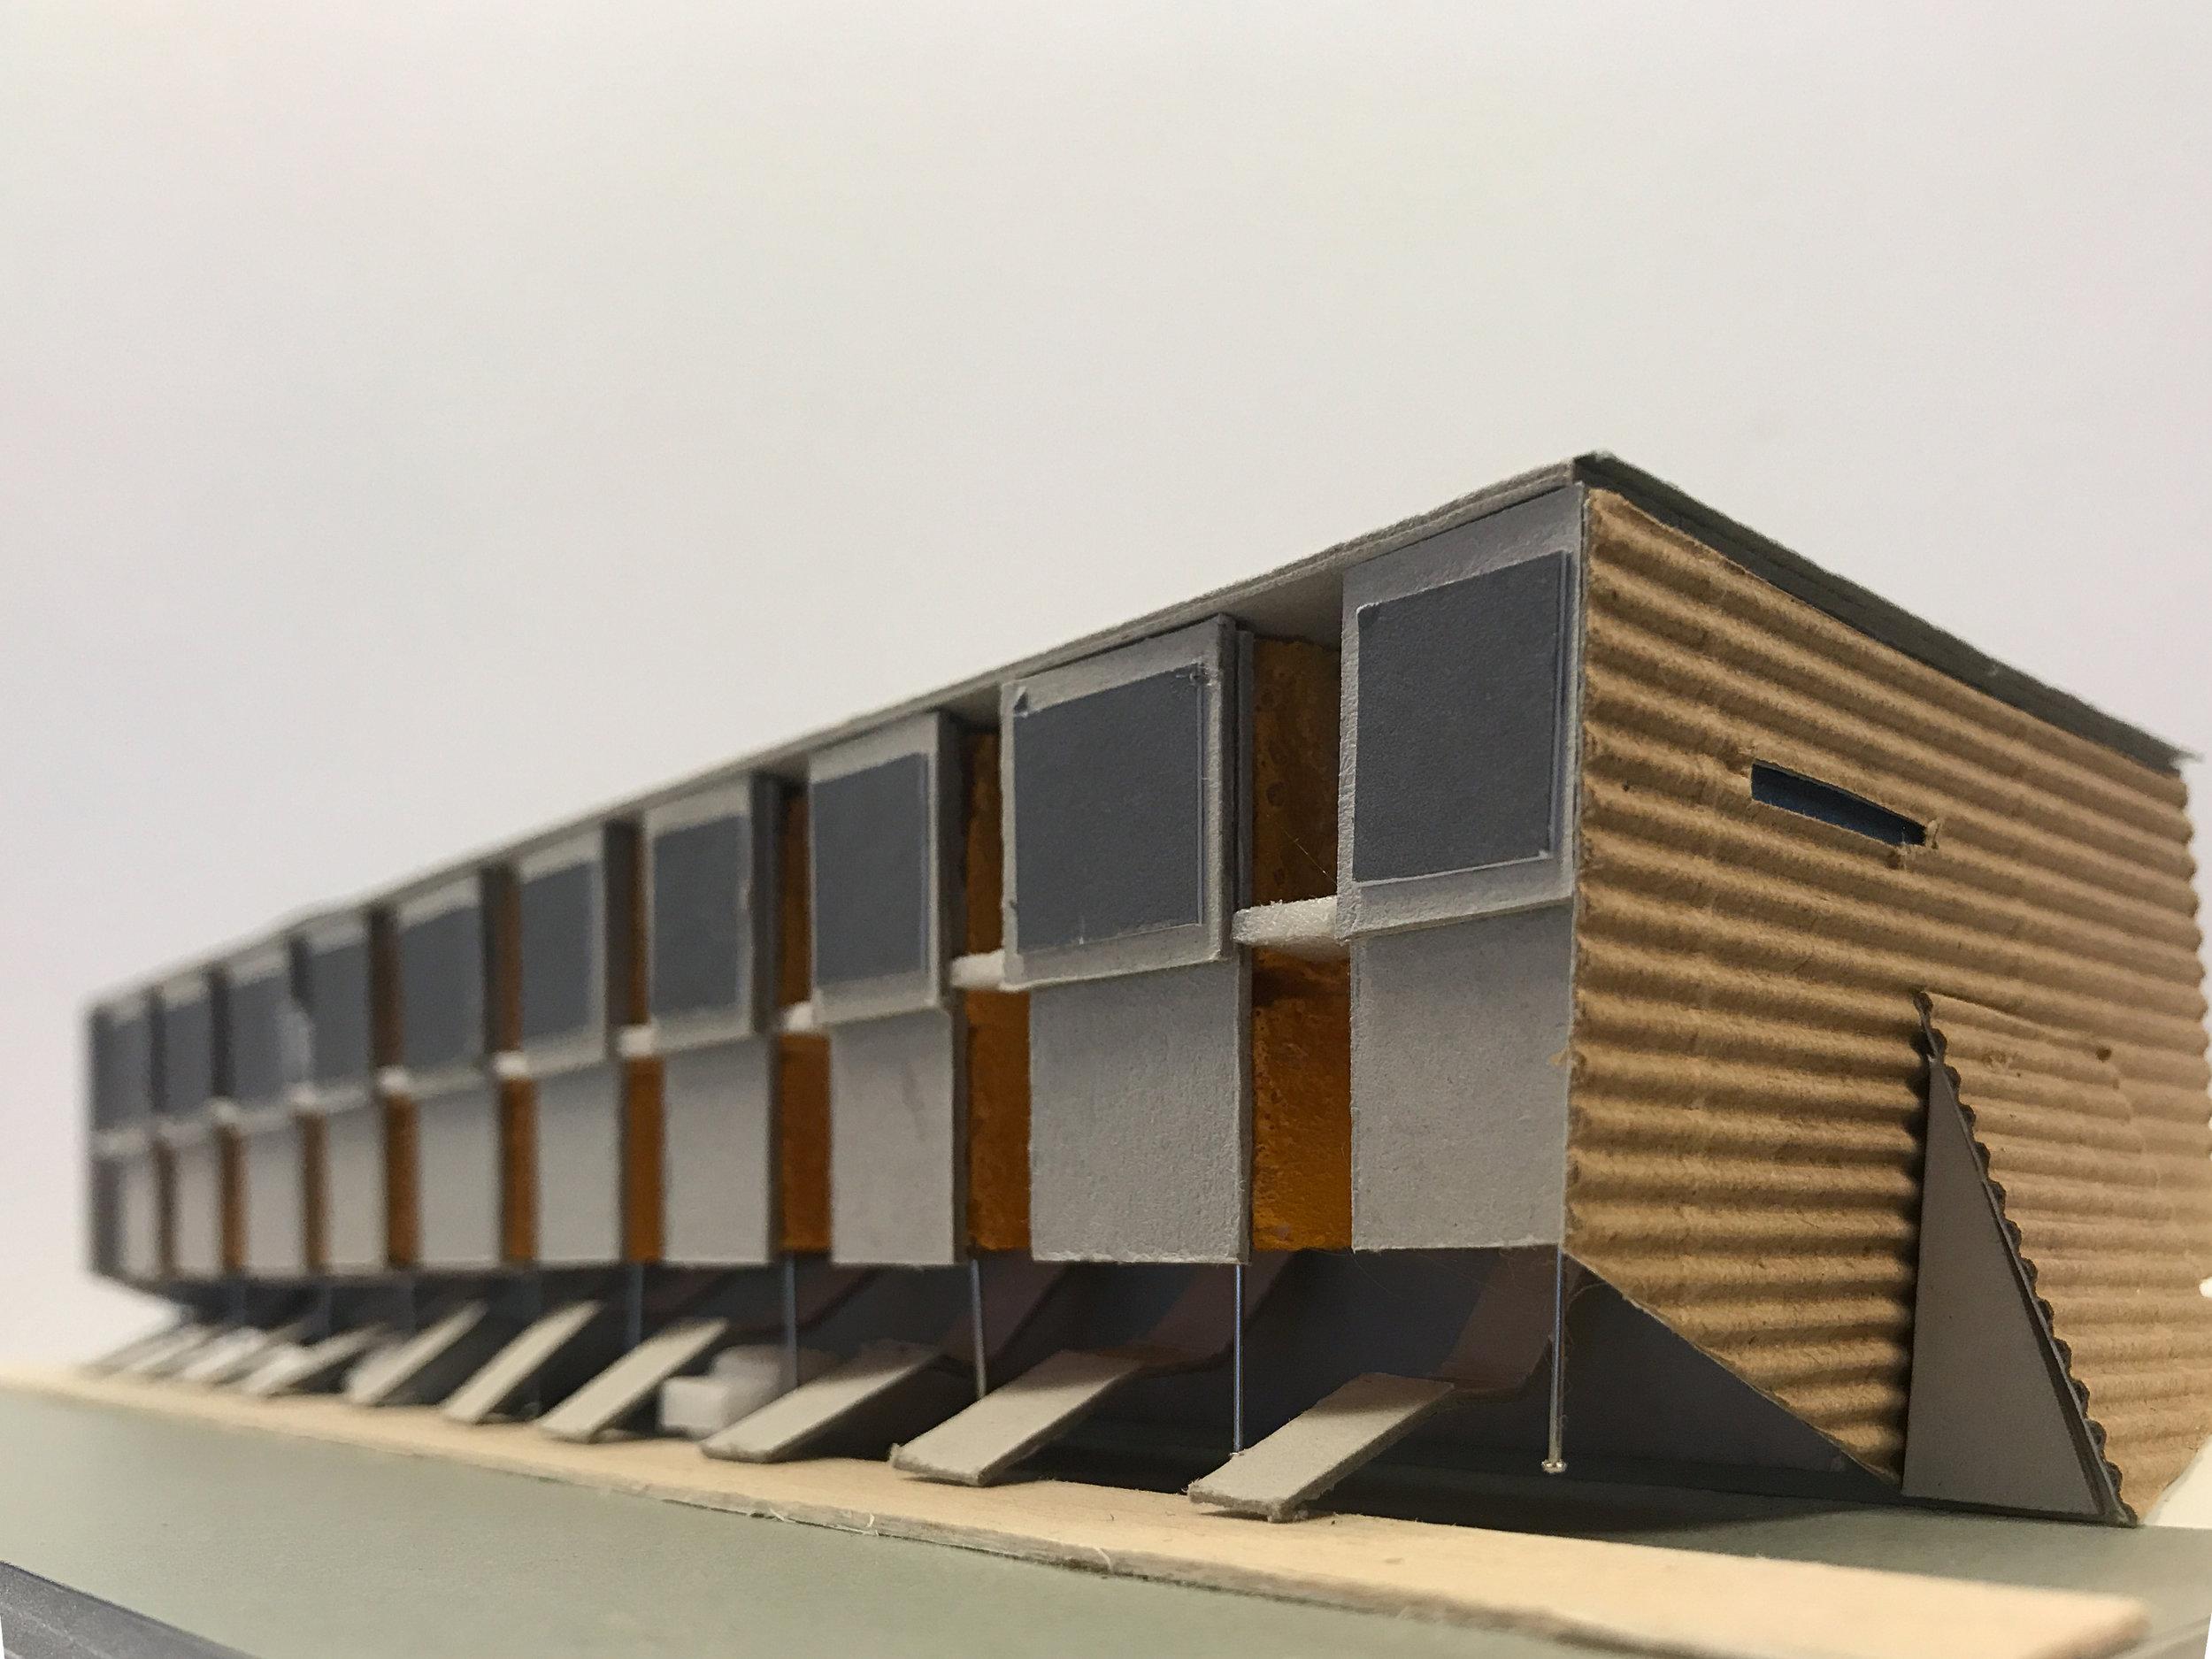 17046 Modellbilde fasade nettside.jpg